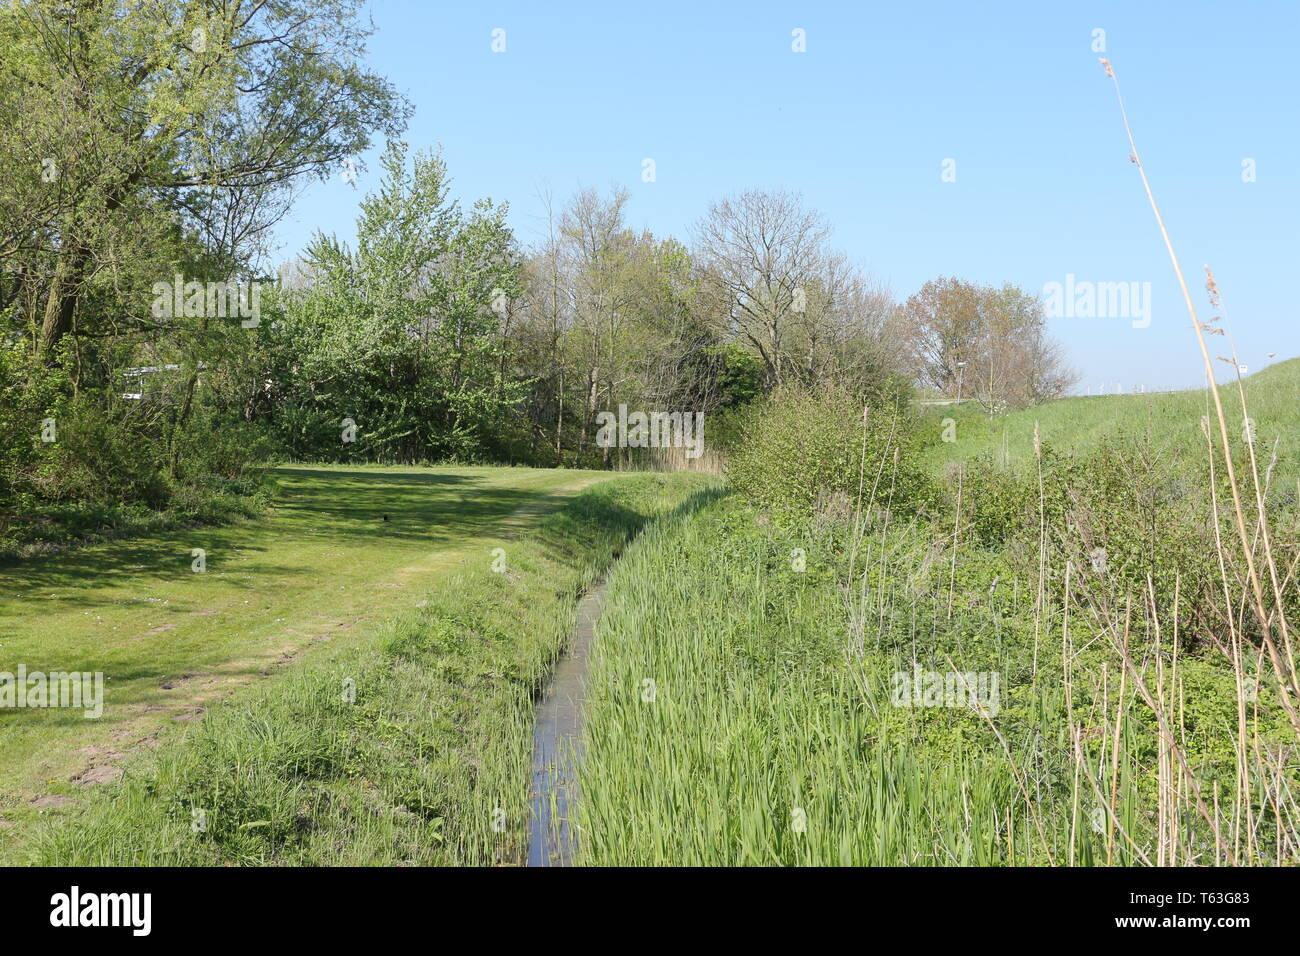 Hinterm Deich in Brouwershaven in der Provinz Zeeland in Holland - Stock Image